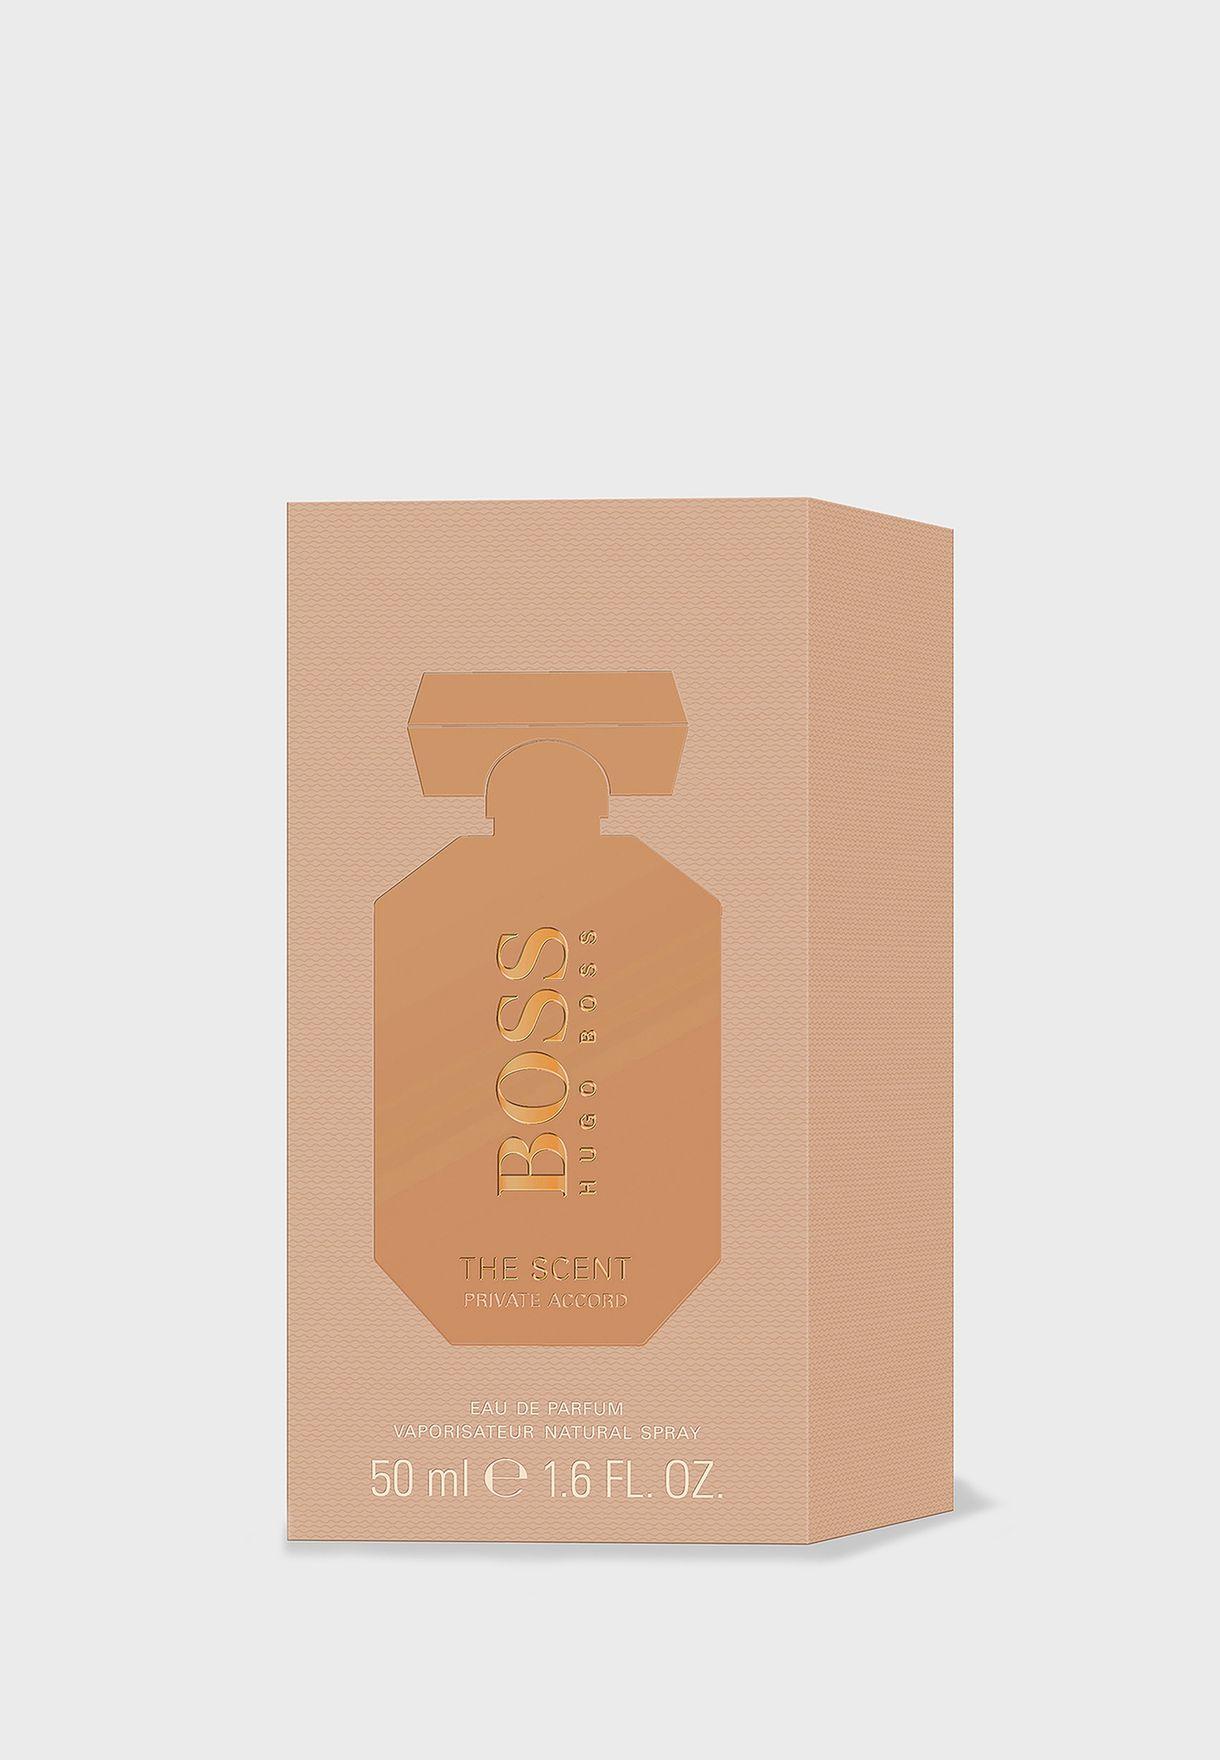 عطر ذا سنت برايفت اكورد - 50 مل او دو بارفان